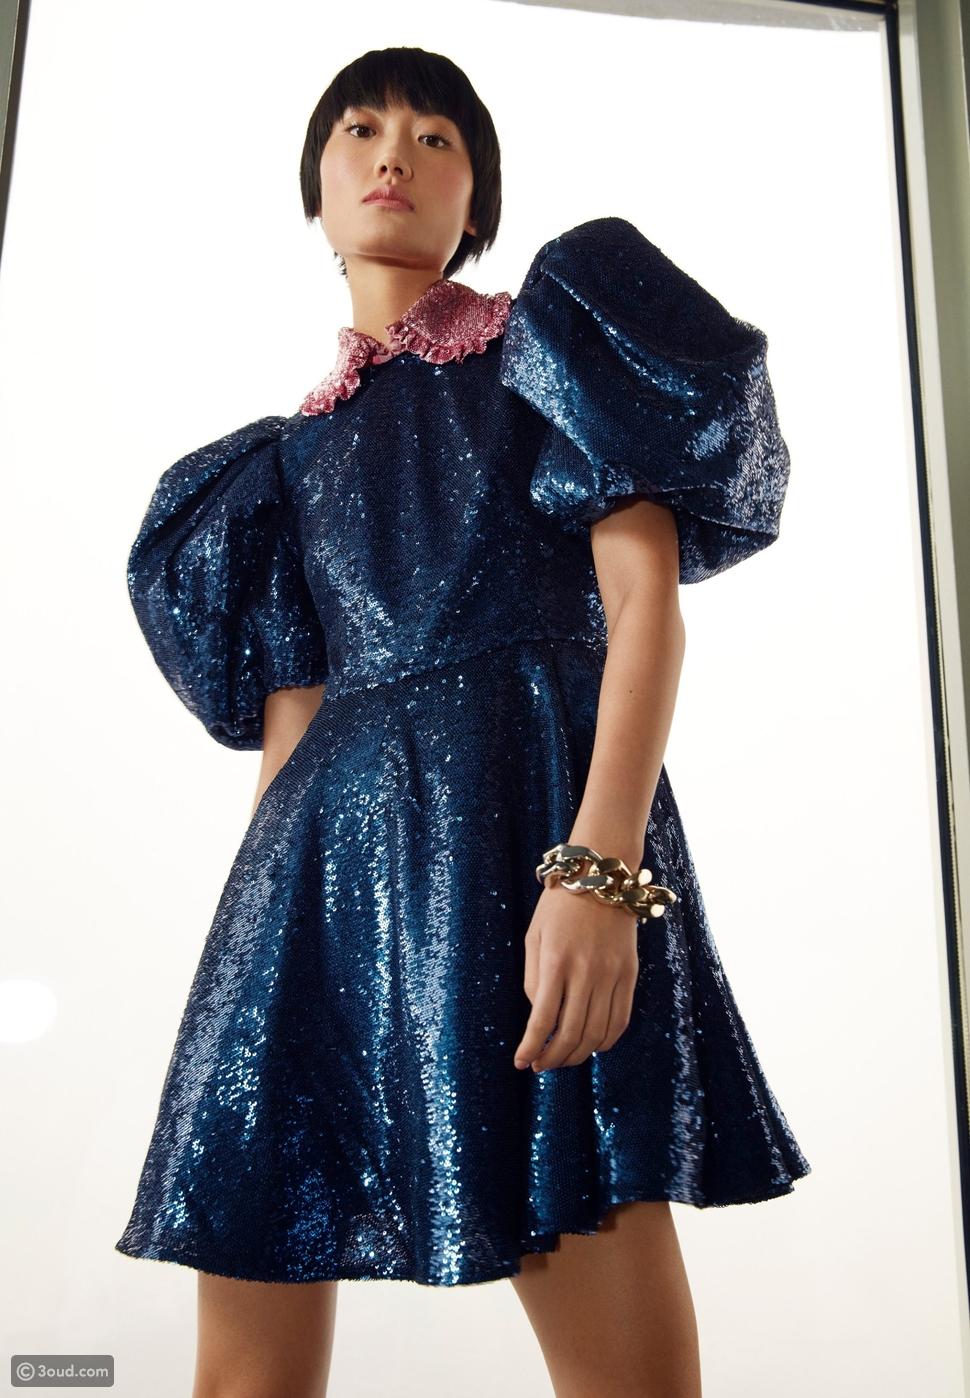 اتجاهات اسبوع الموضة في نيويورك لخريف ٢٠٢١